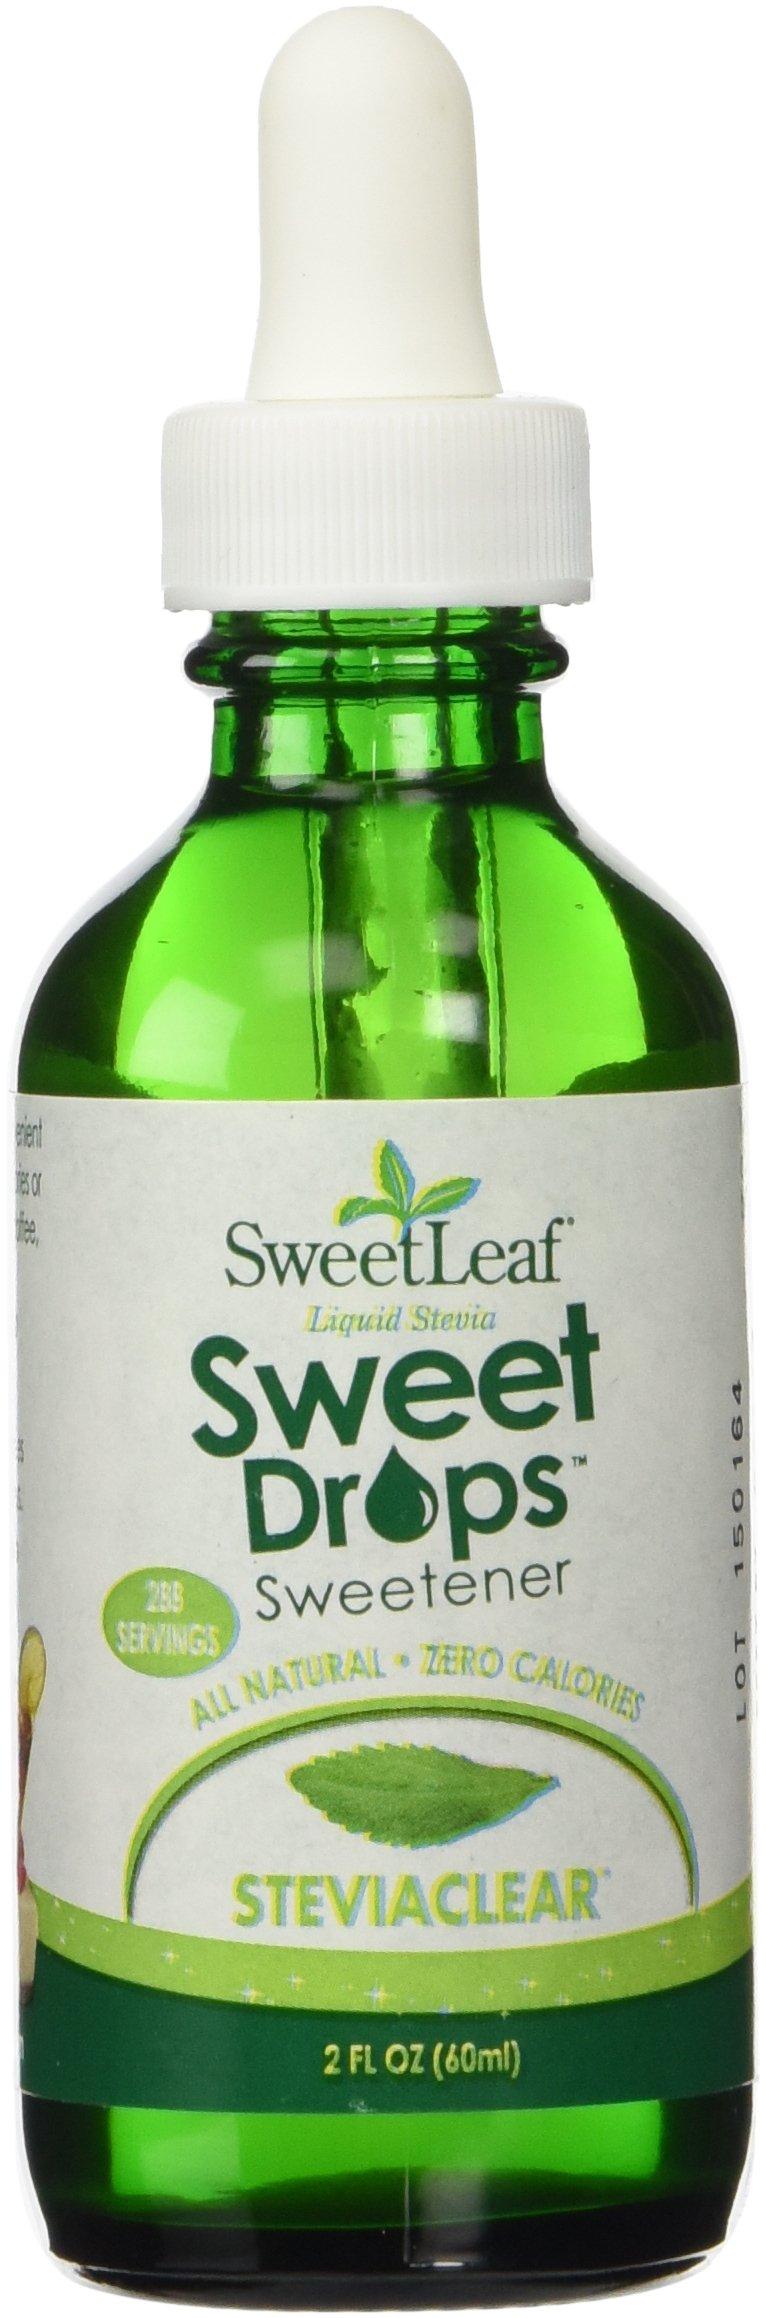 Sweet Leaf Stevia Clear, 2 fl oz (60 ml) by Sweet Leaf